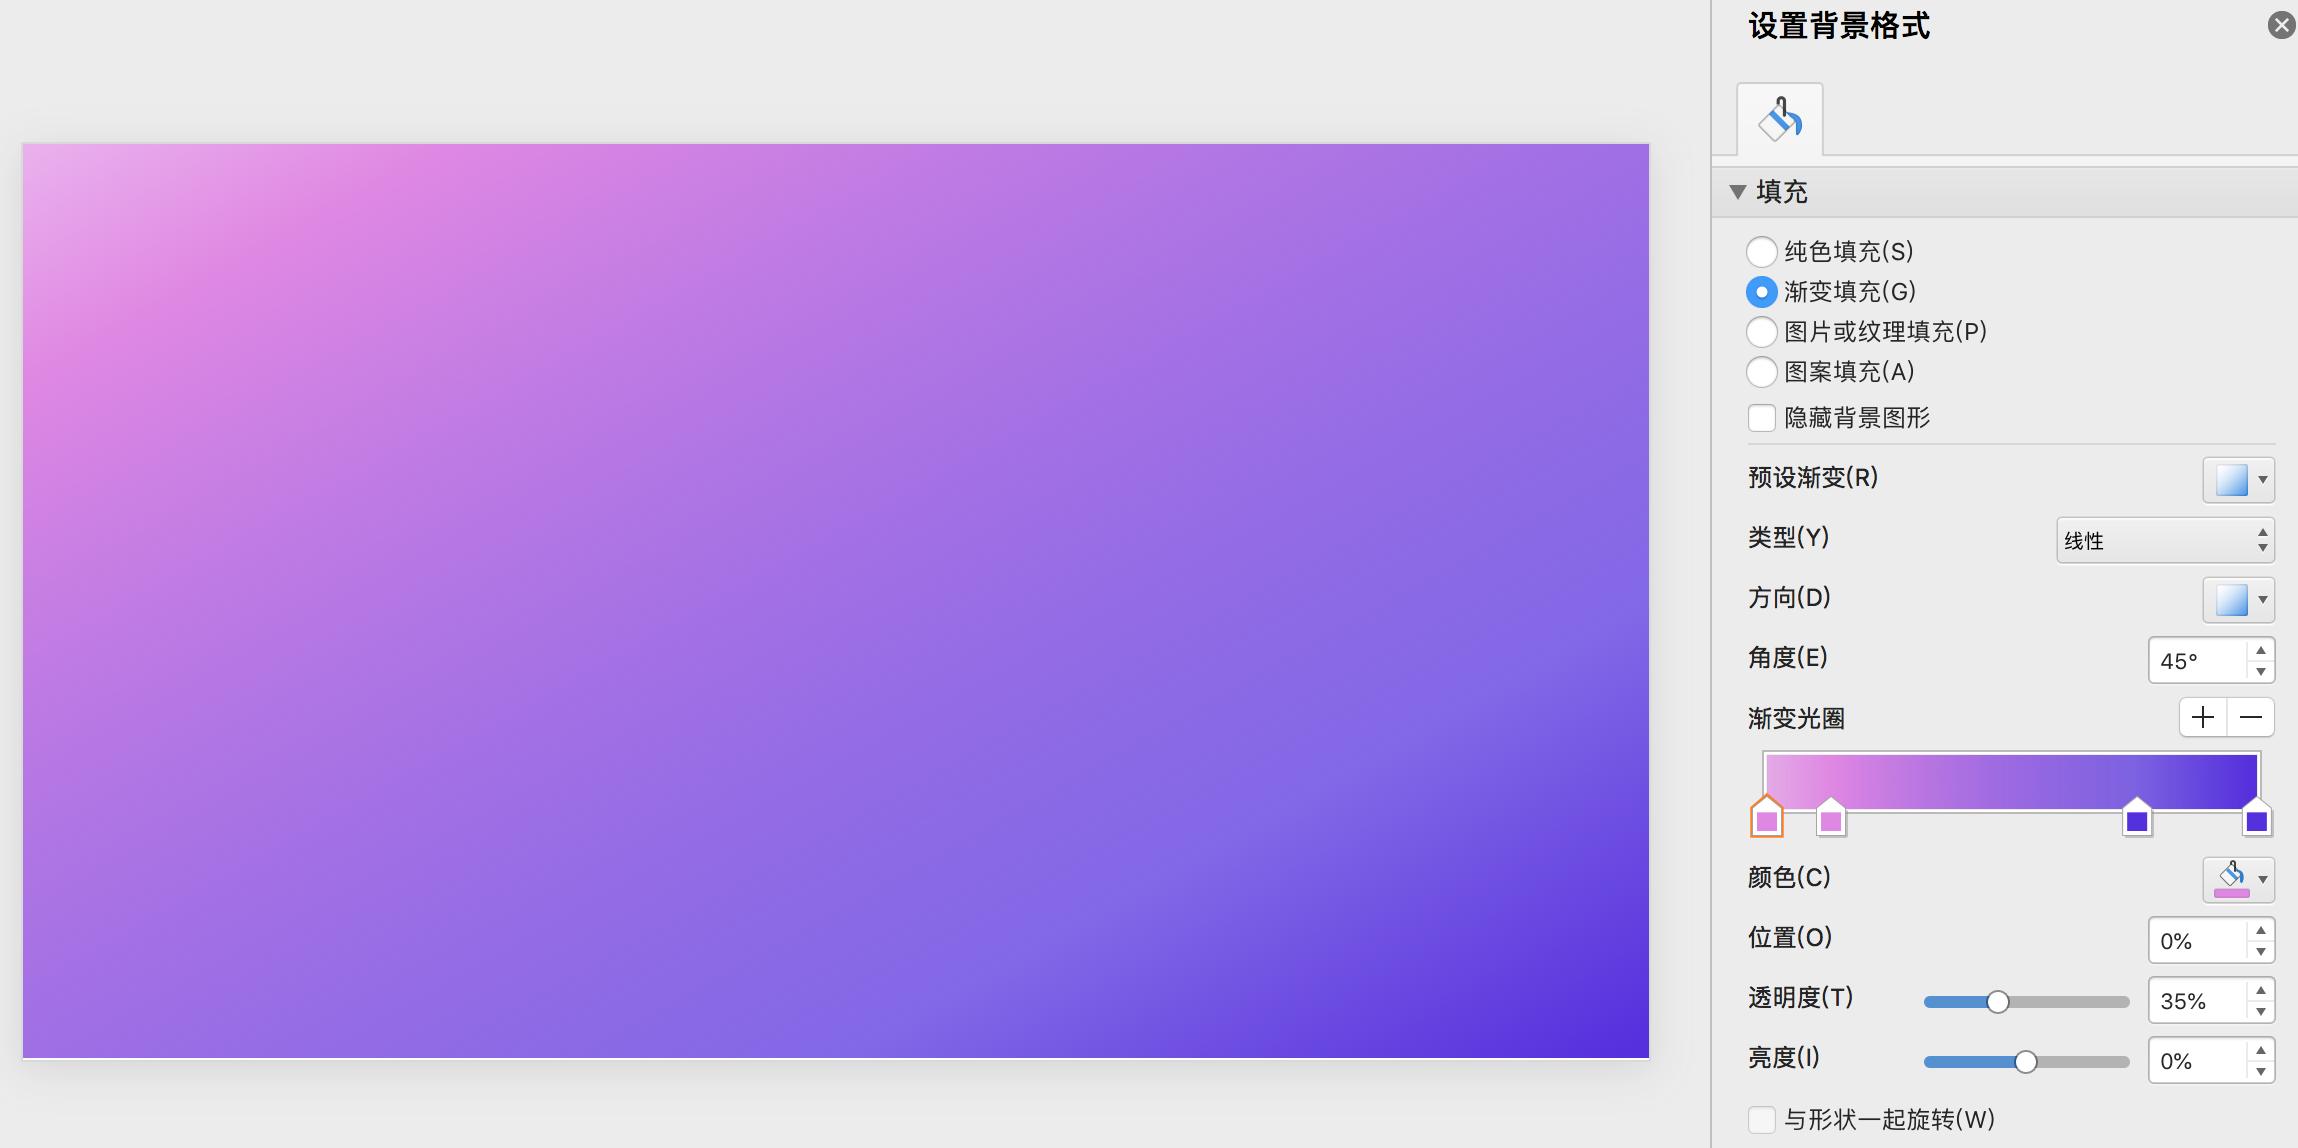 如何在PPT里调出出彩的渐变色?